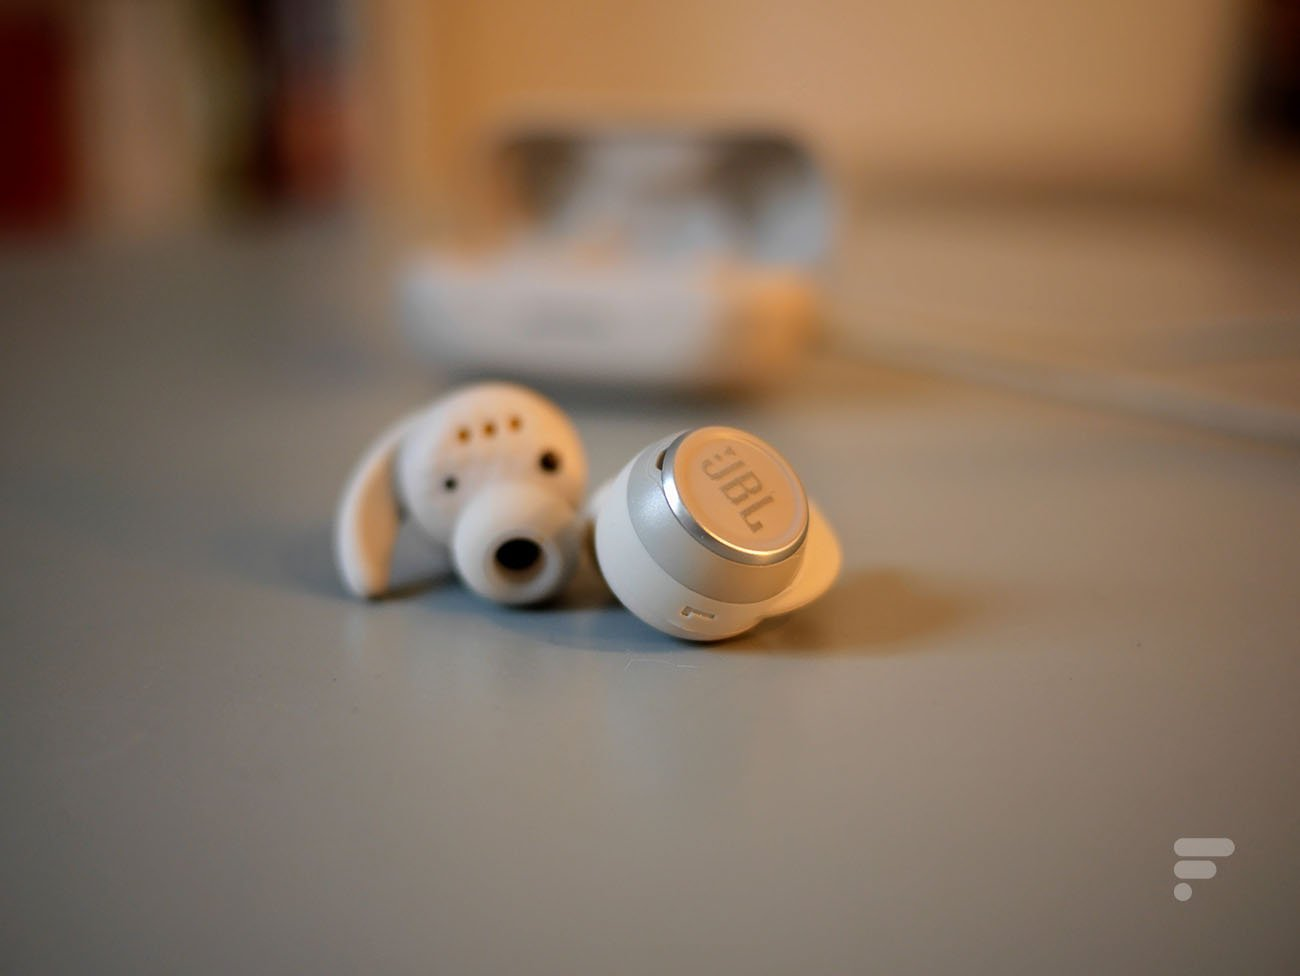 Test des JBL Reflect Mini NC : des écouteurs qui en mettent plein les oreilles